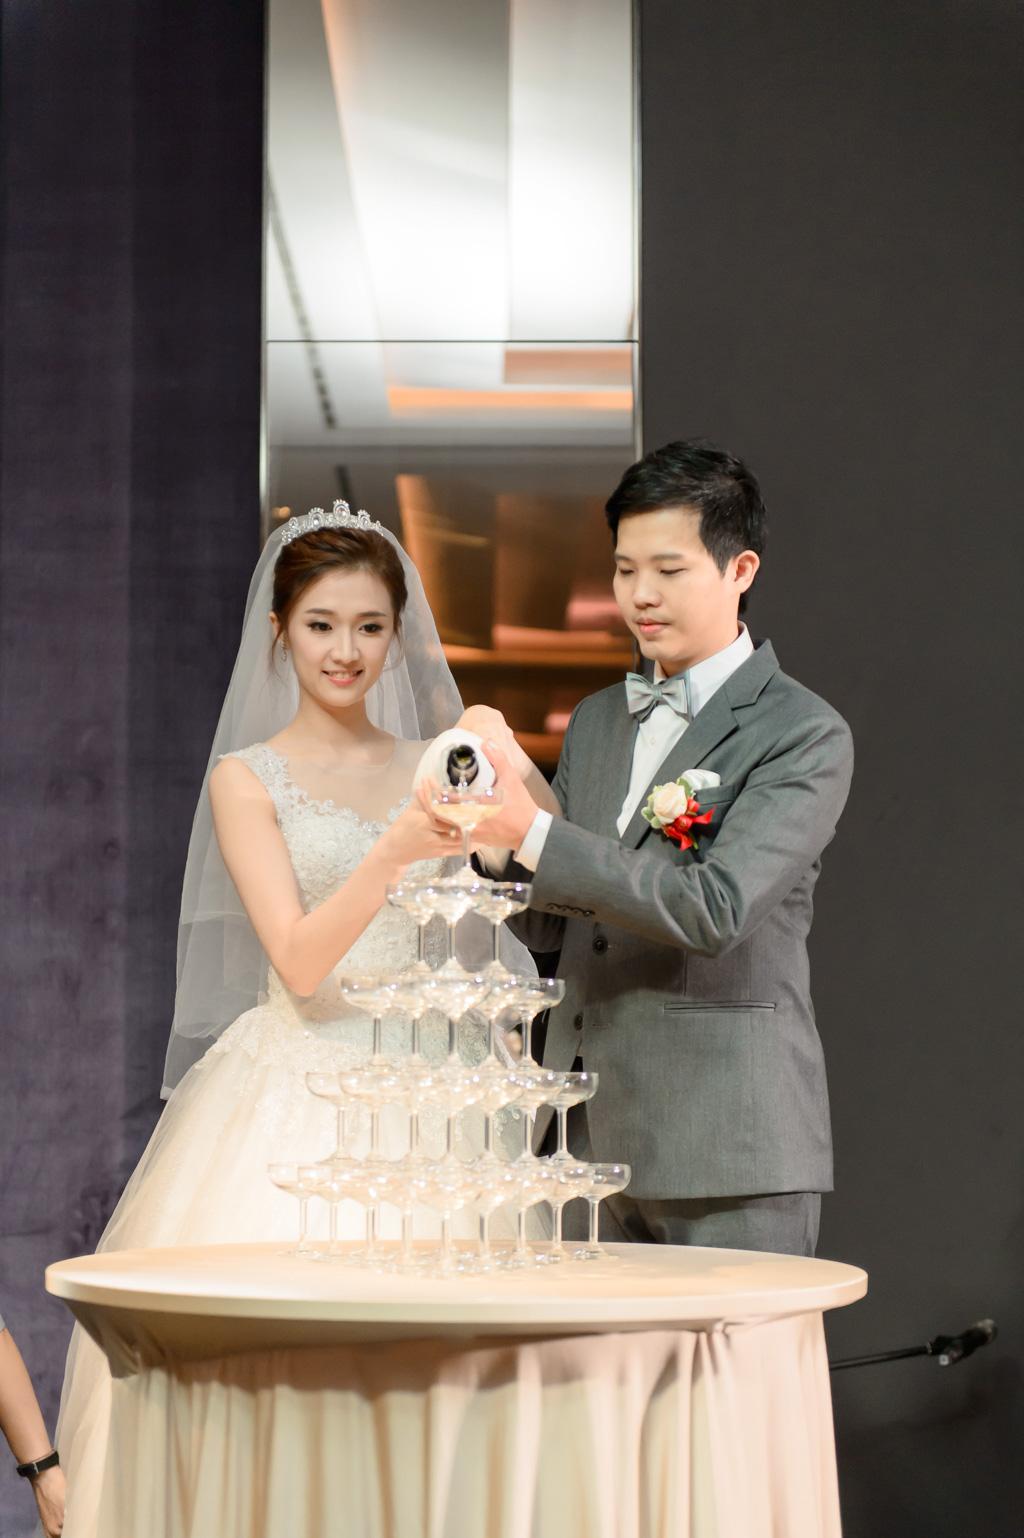 婚攝小勇,小寶團隊, 台北婚攝, 寒舍艾麗, 寒舍艾麗婚攝, 新秘 diva, wedding day-045